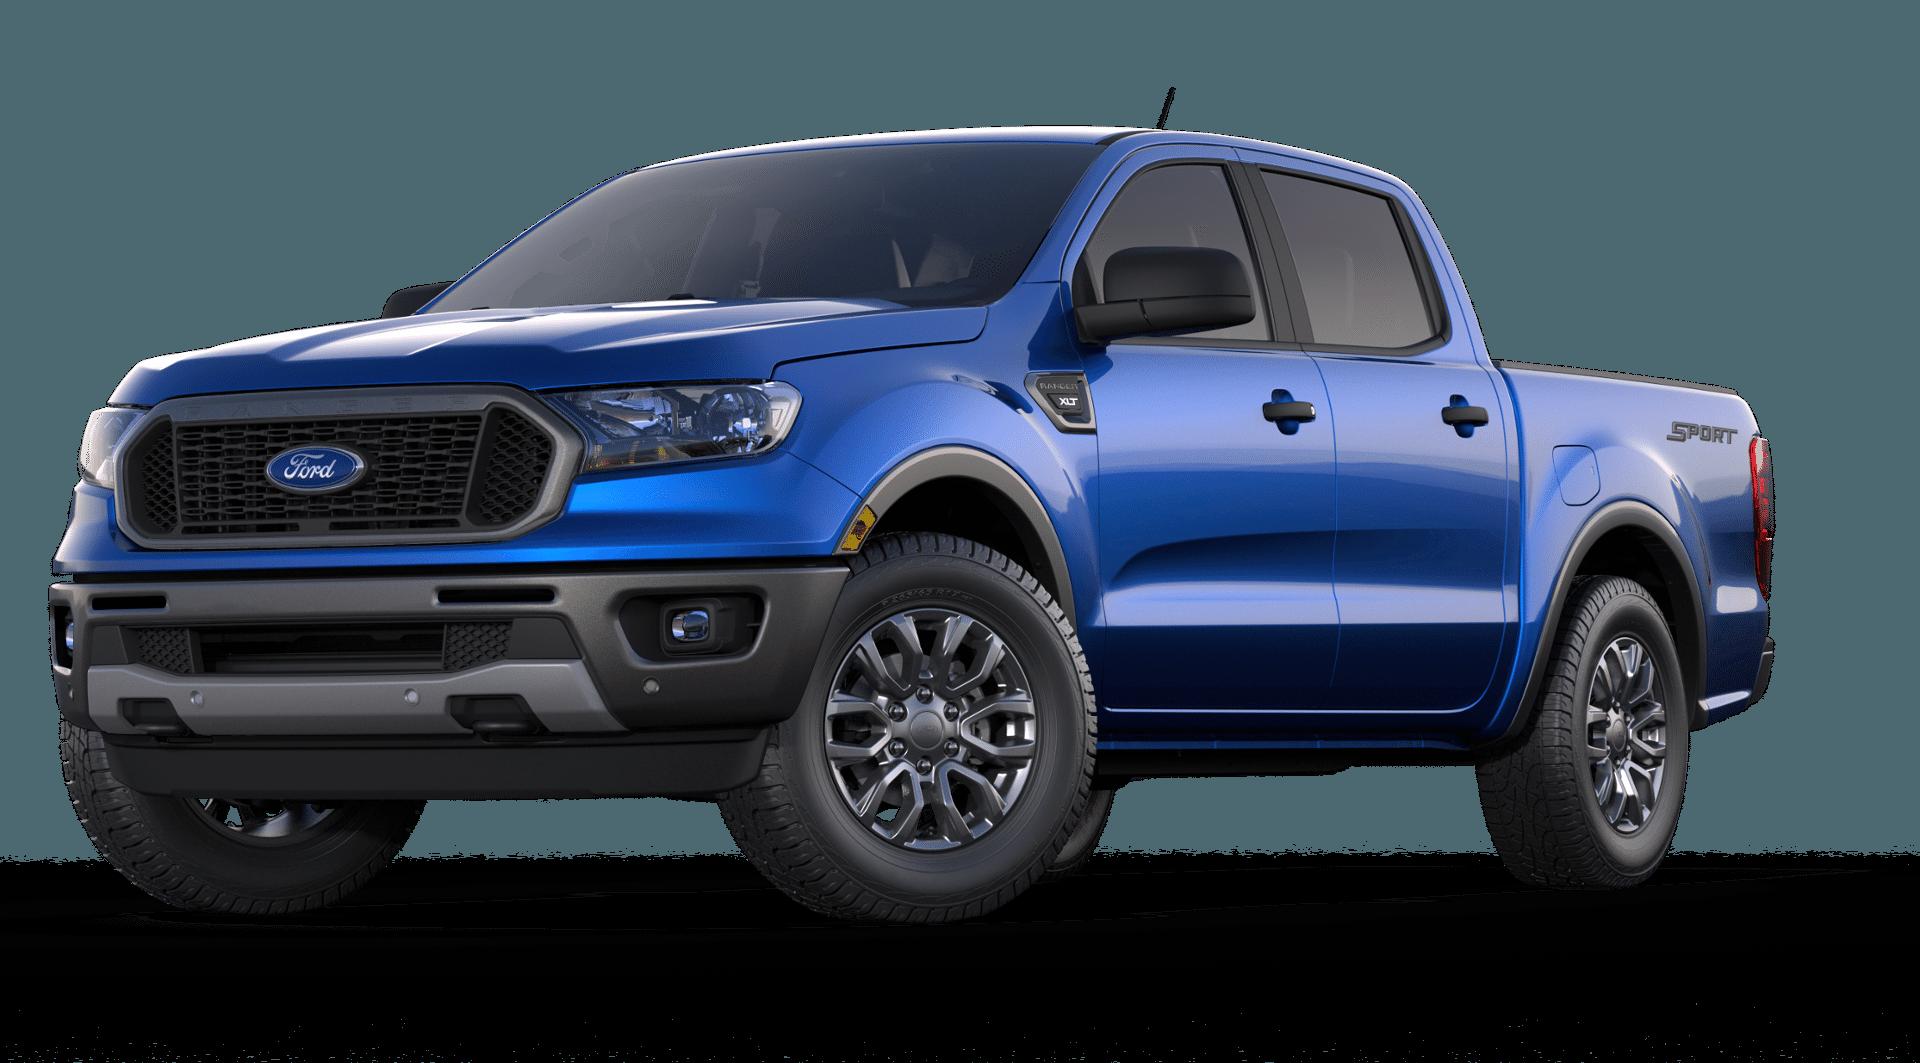 All-New 2019 Ford Ranger XLT Super Crew